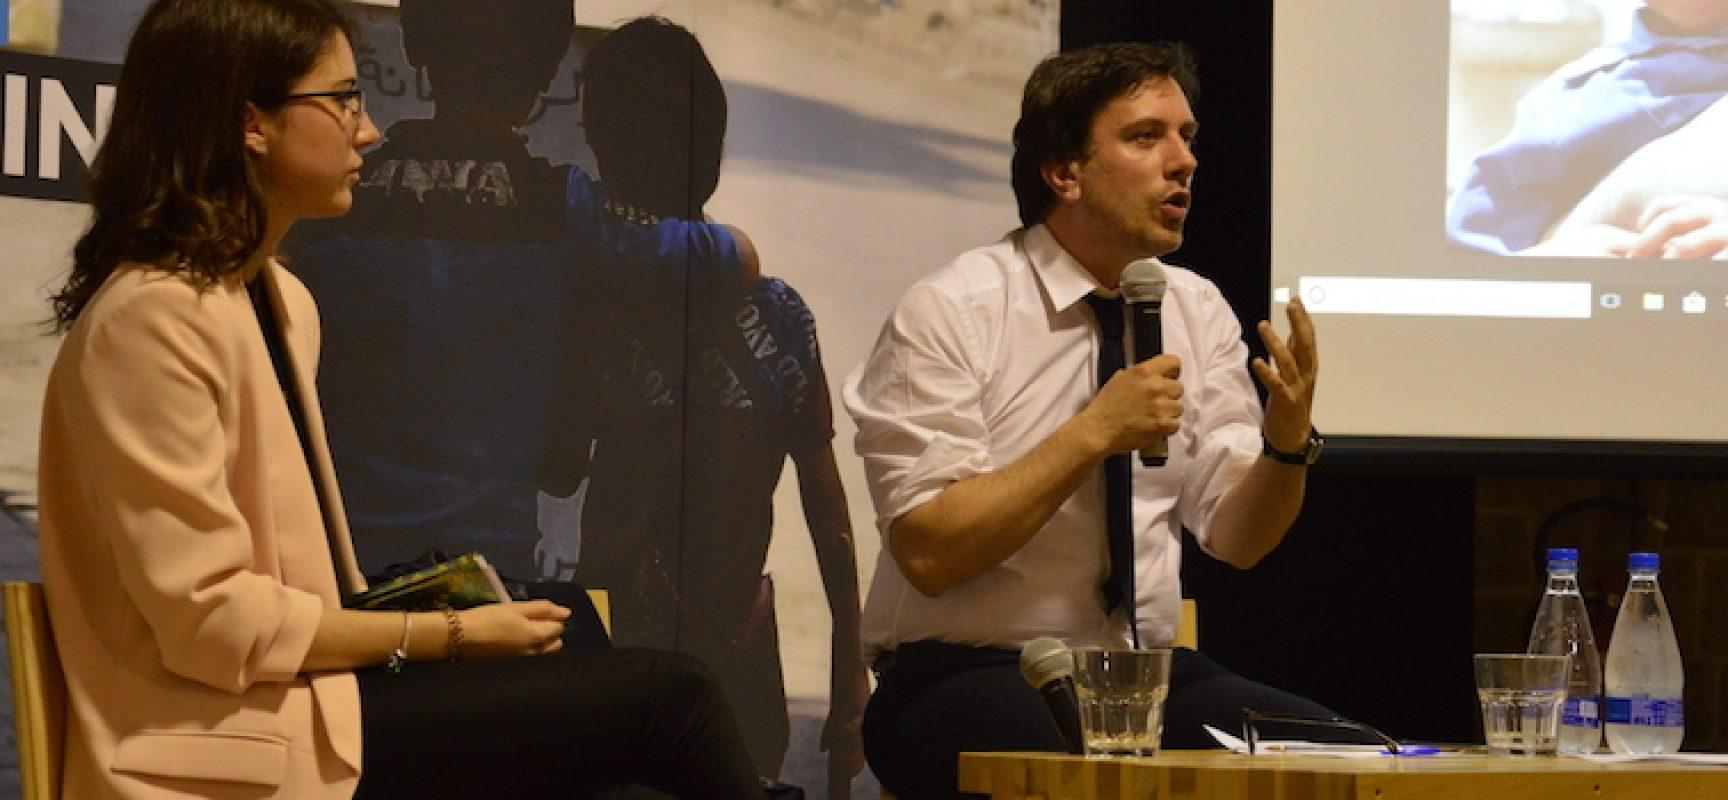 Emergenze nel mondo, integrazione ed accoglienza: Andrea Iacomini (Unicef) alle Vecchie Segherie